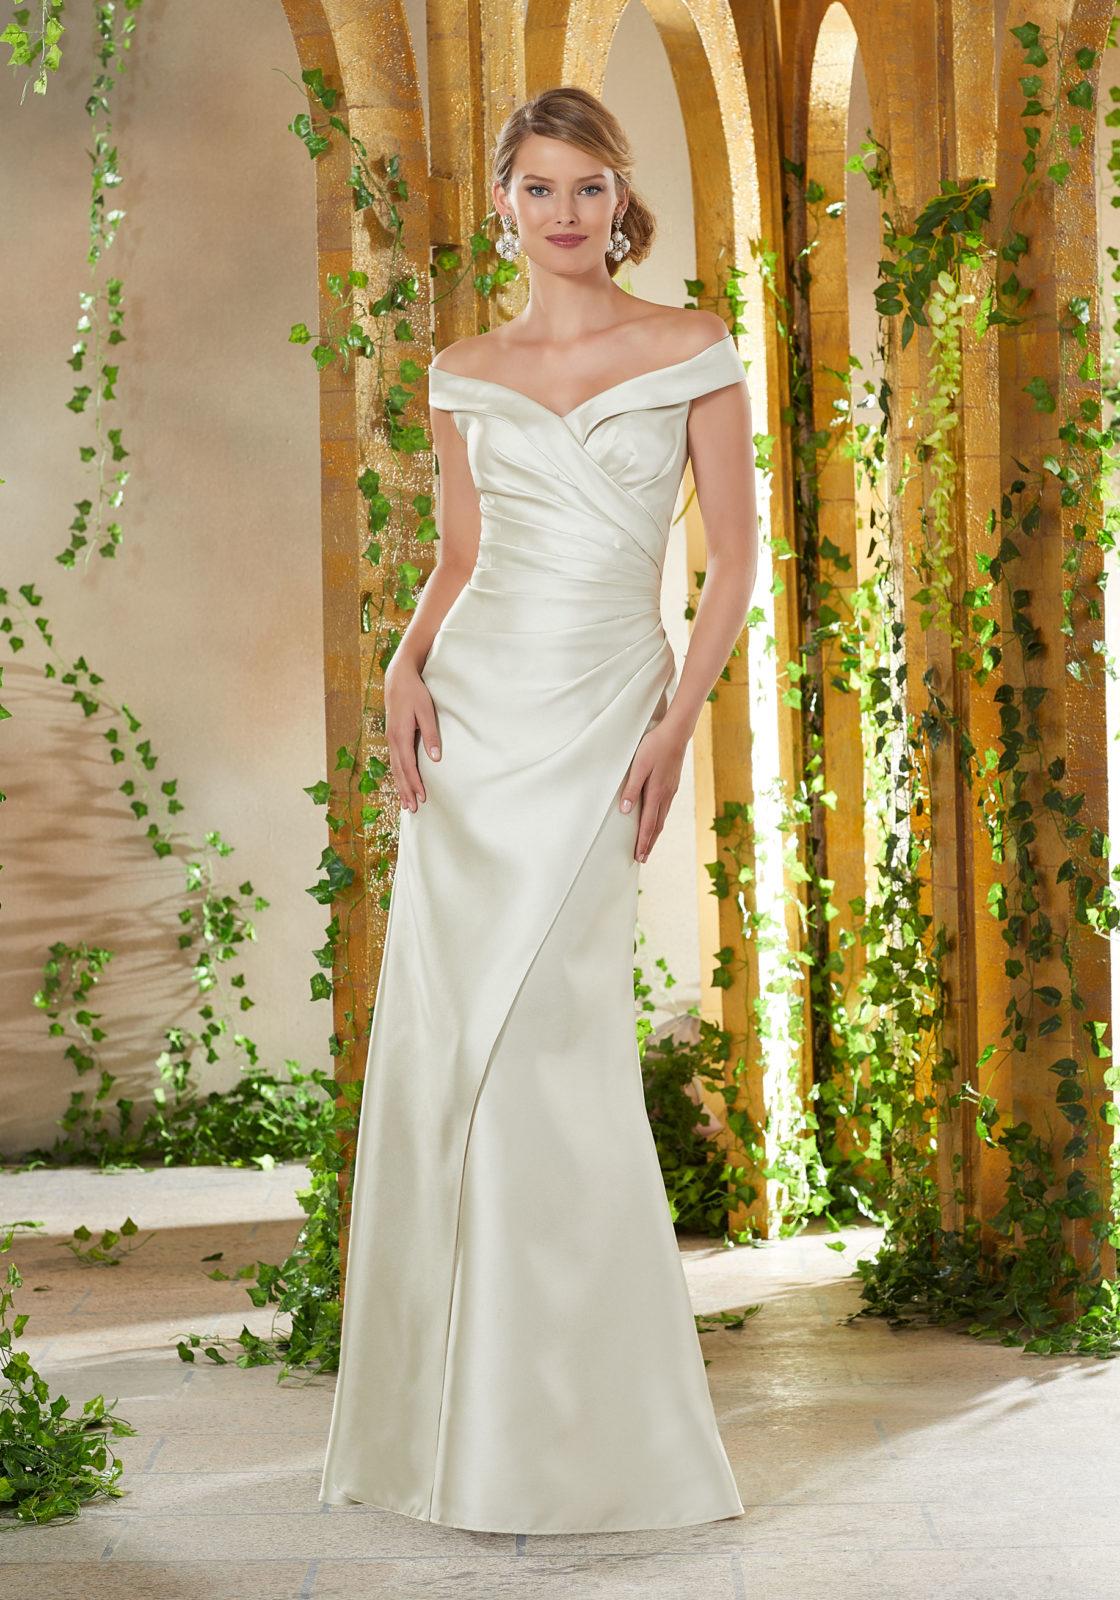 Νυφικό Φόρεμα, Morilee, Στενό,  Larissa Satin. Style, 71909